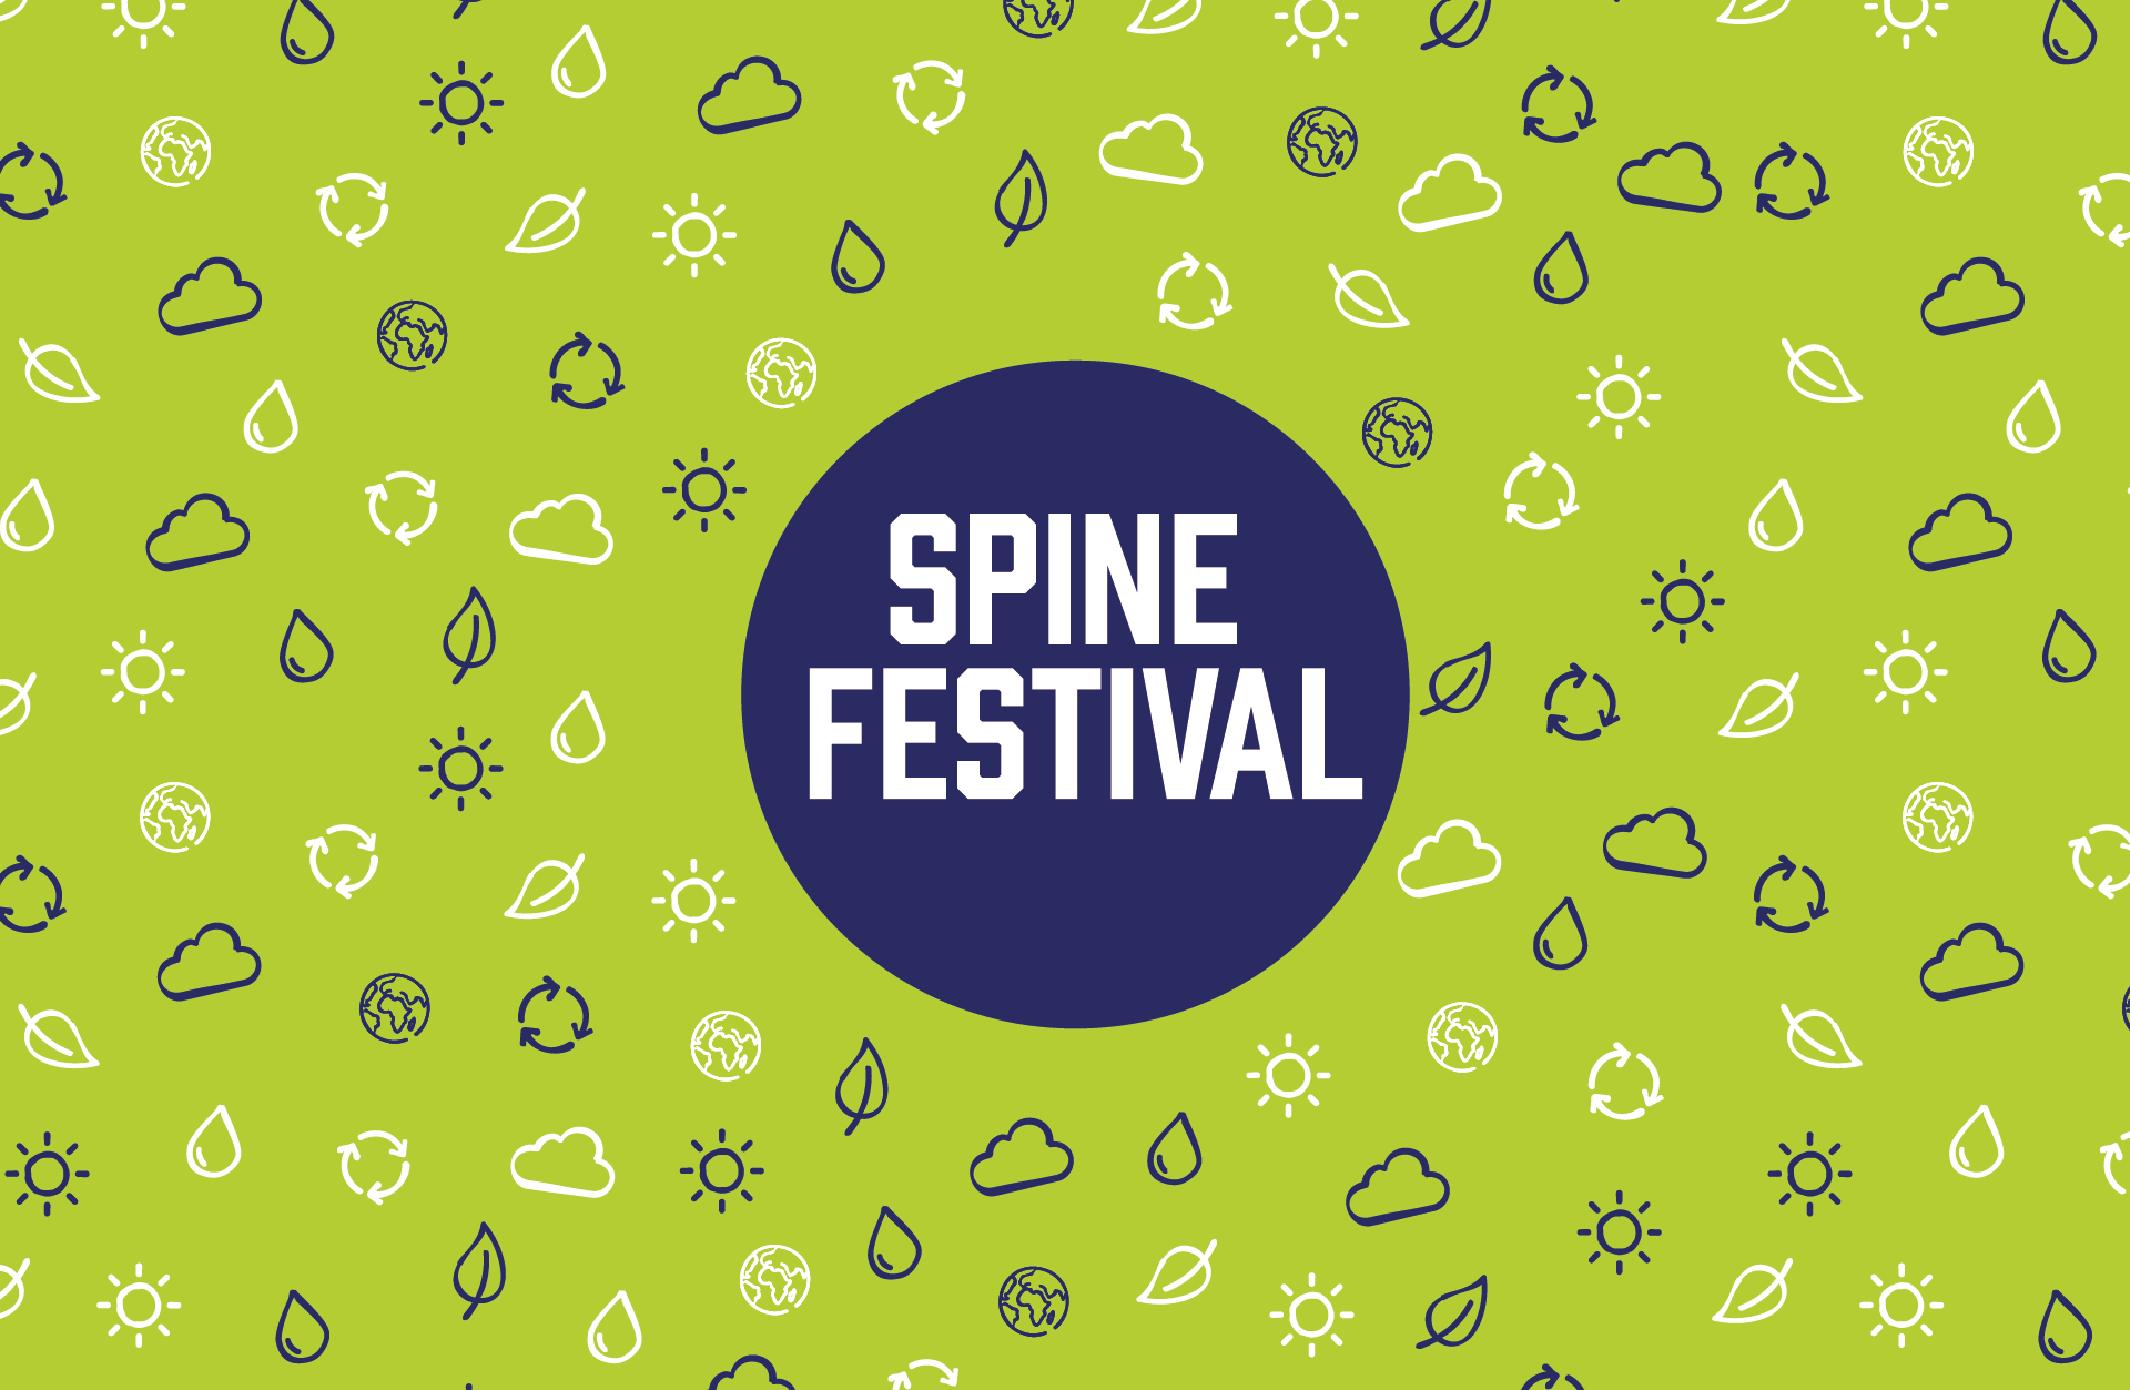 SPINE Festival